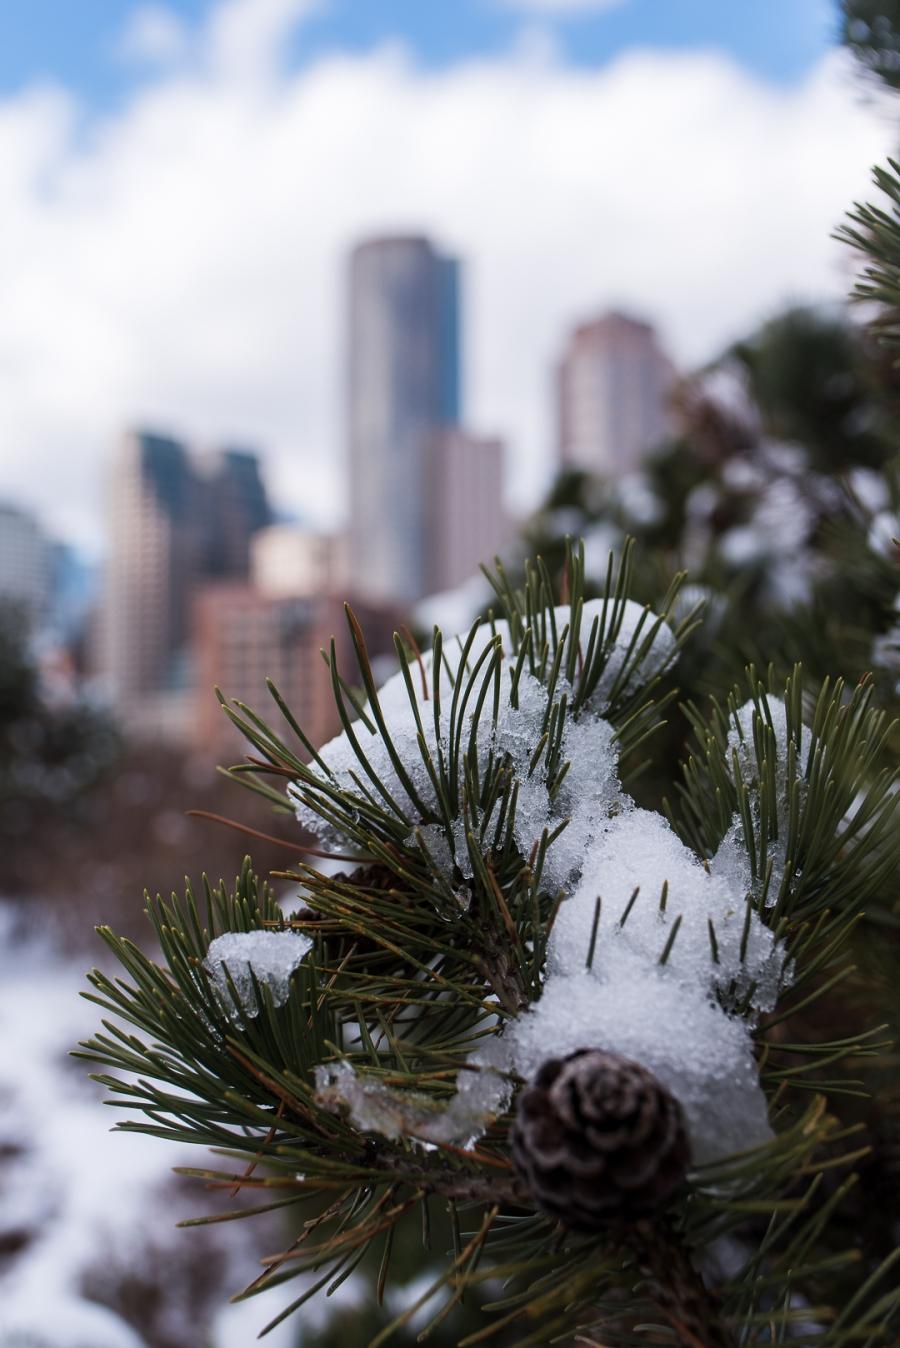 snowy winter fun in boston and watertown